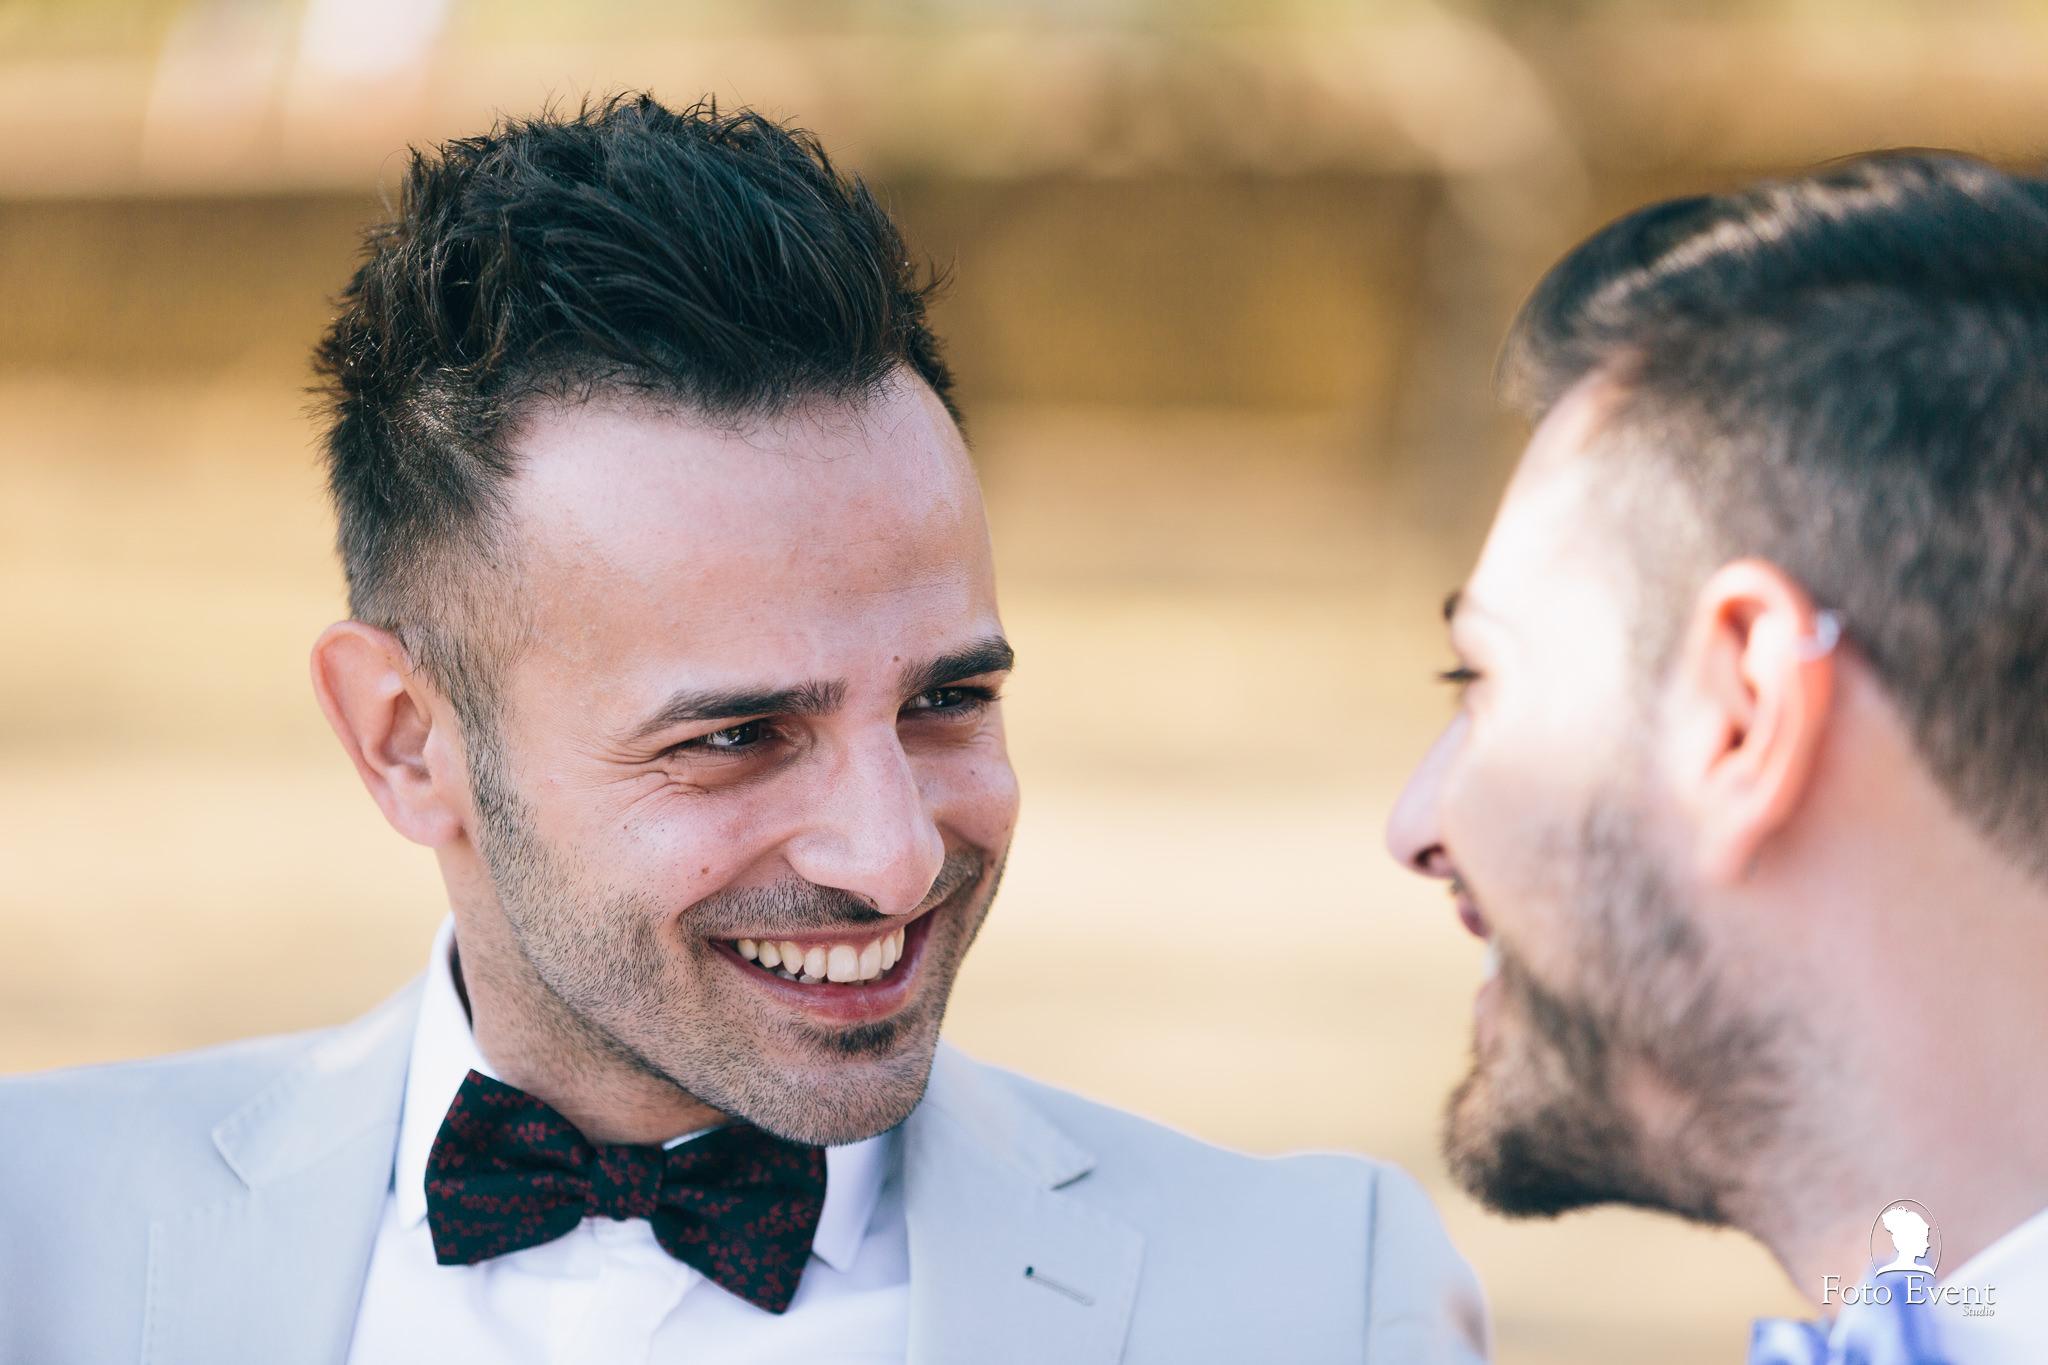 2018-07-26 Engagement Santo Caruso e Lillo Gueli zoom 027